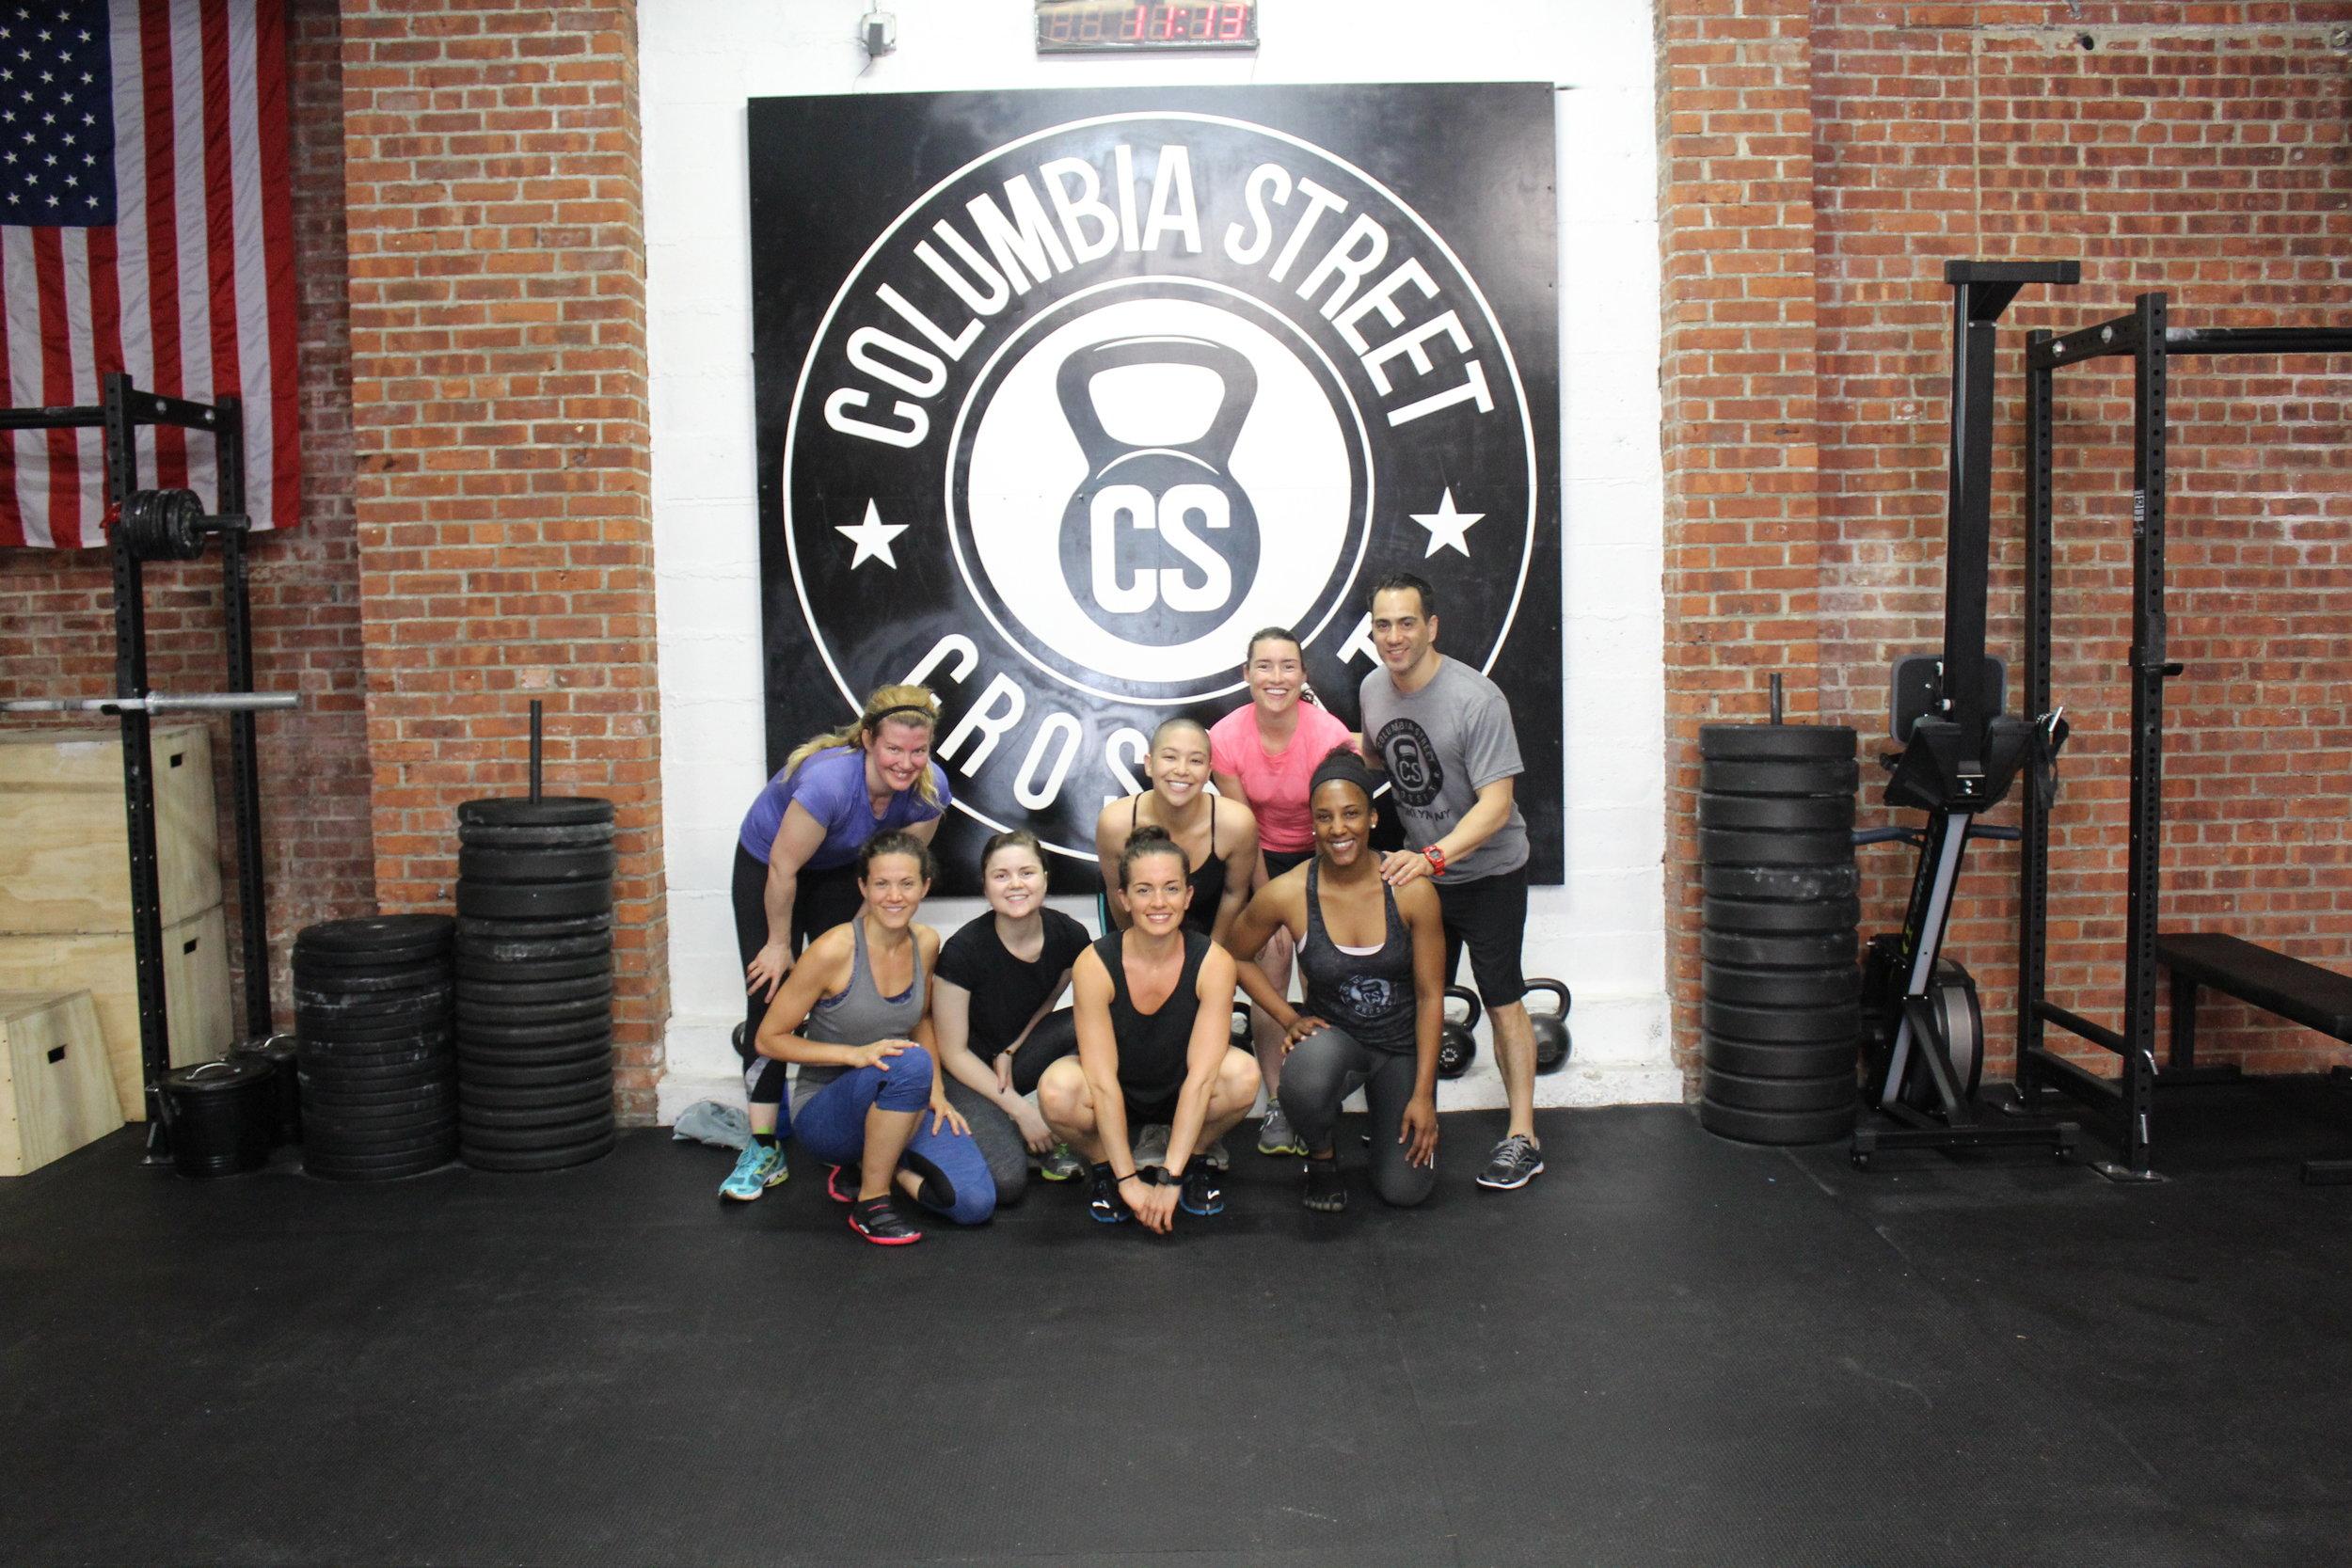 Lululemon Brooklyn + Columbia Street CrossFit